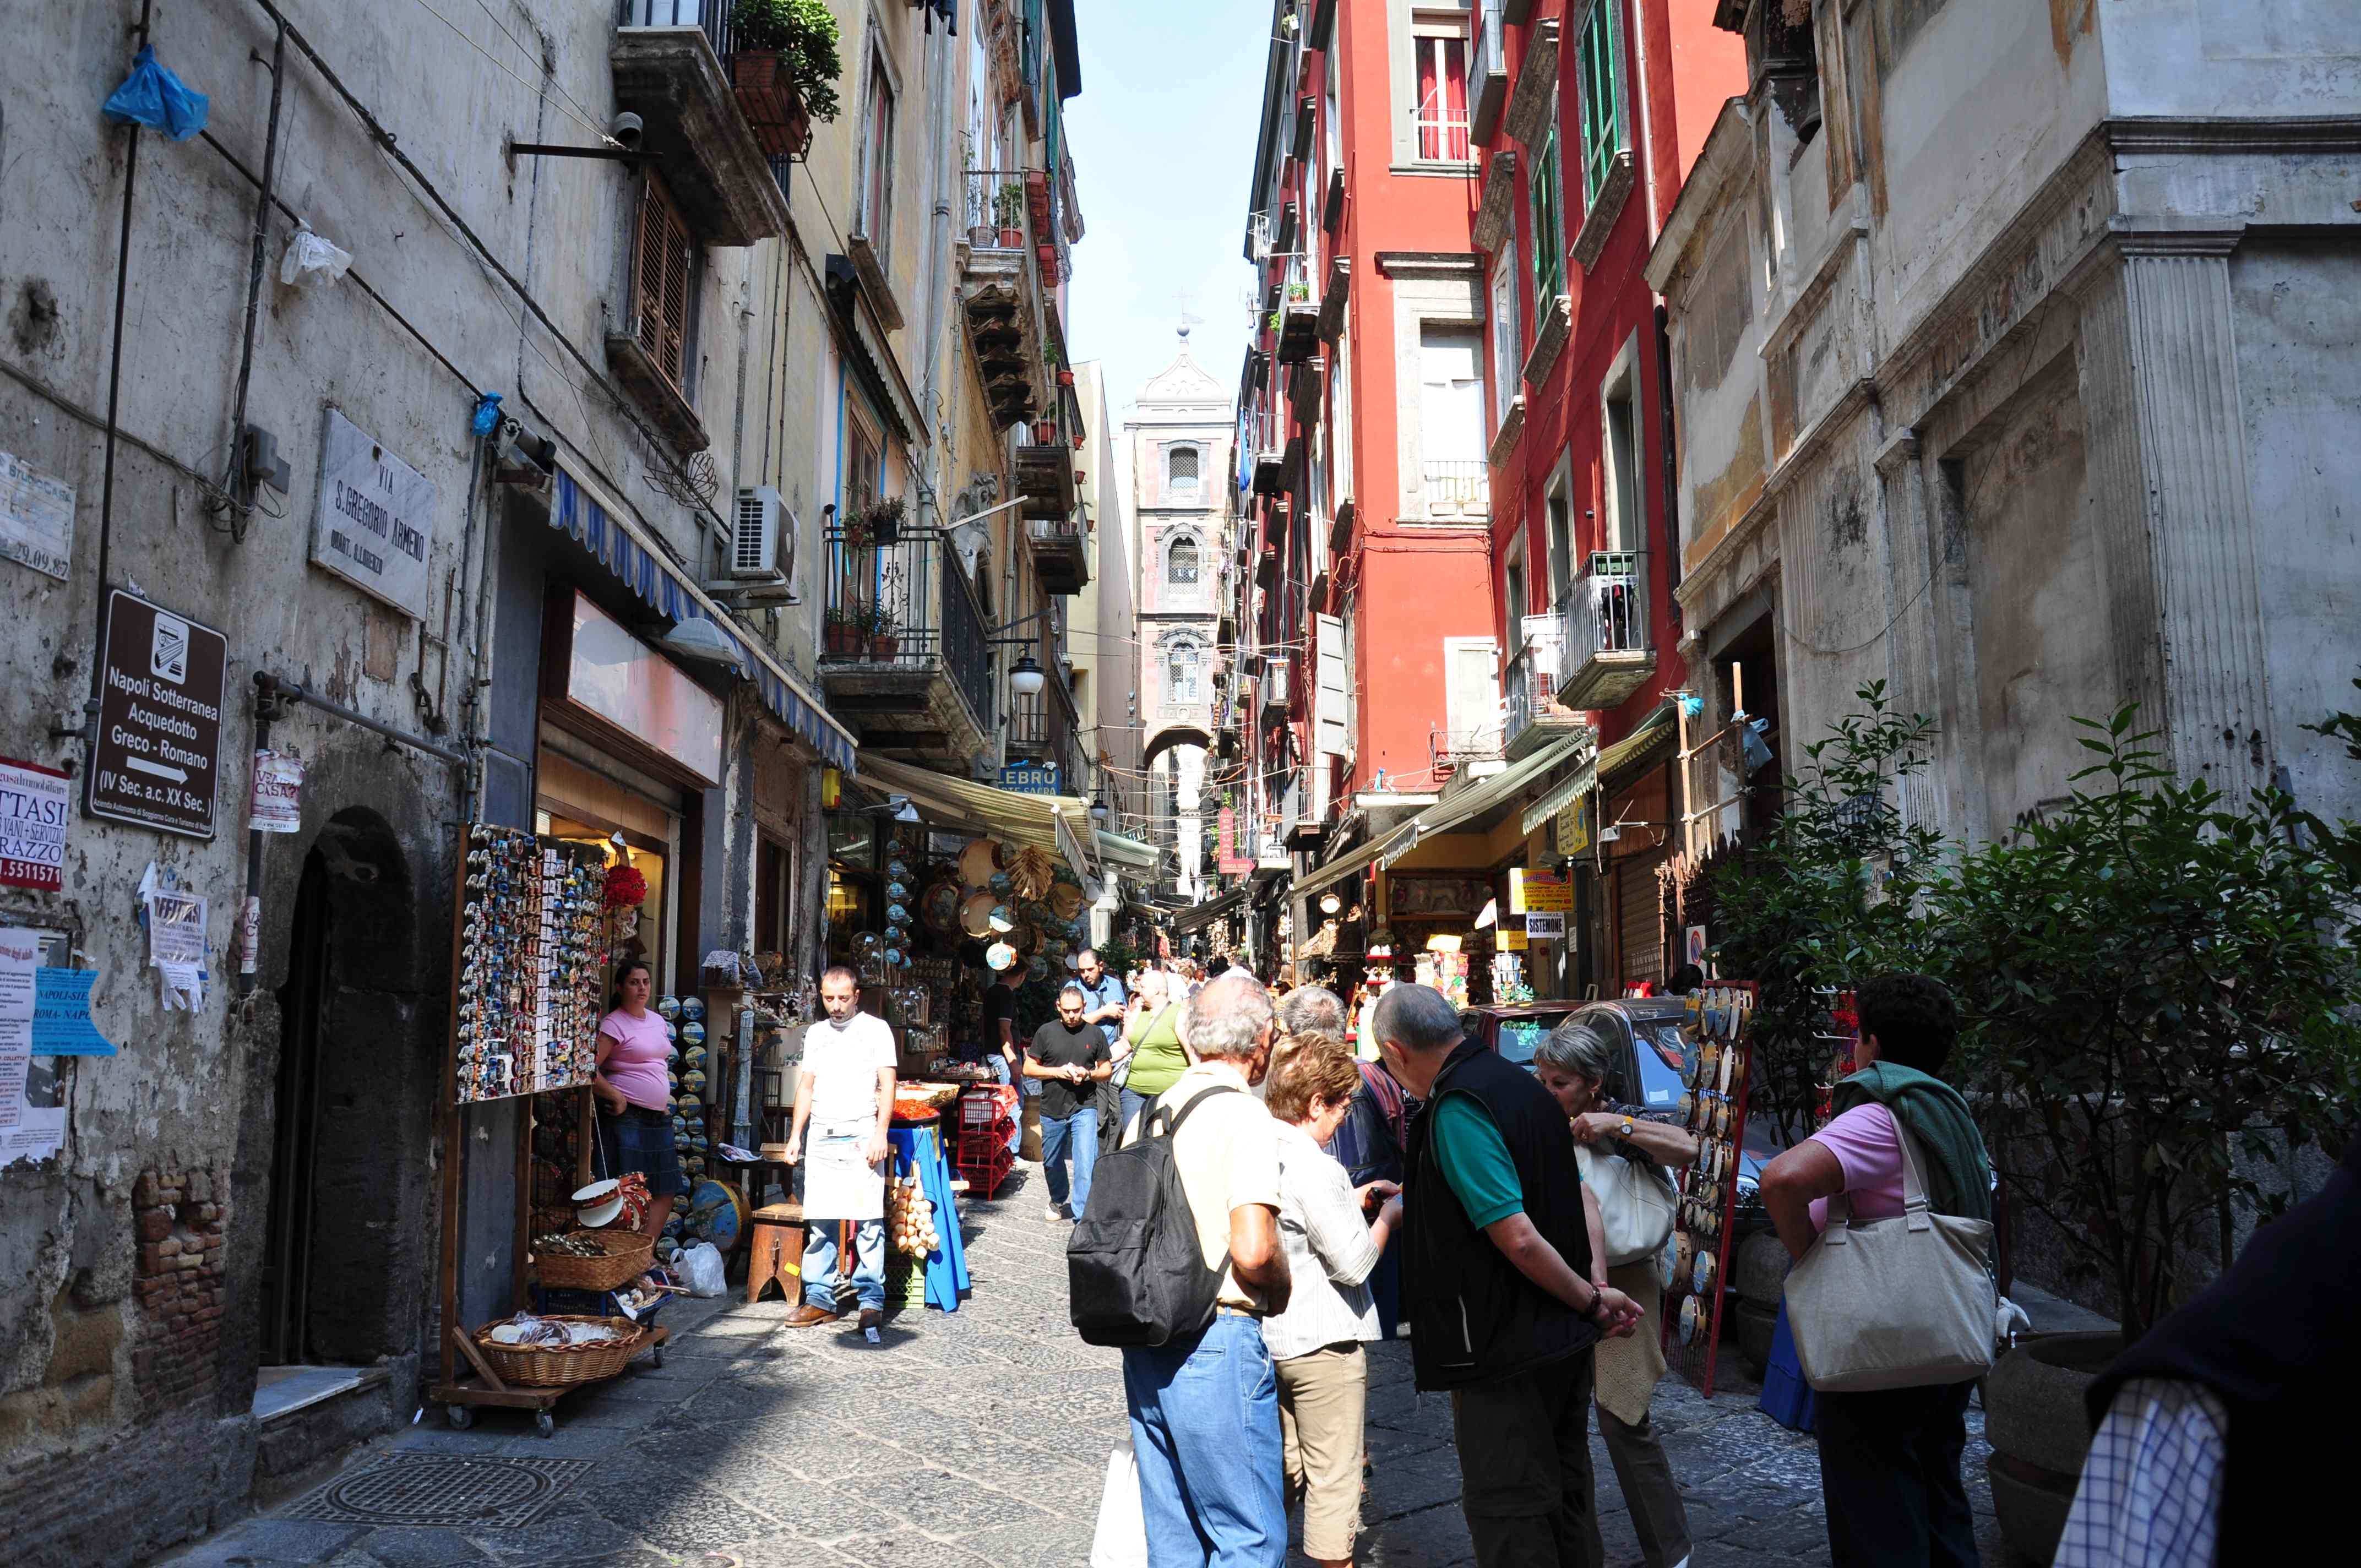 Ristoranti a Napoli trattorie da provare  Agrodolce